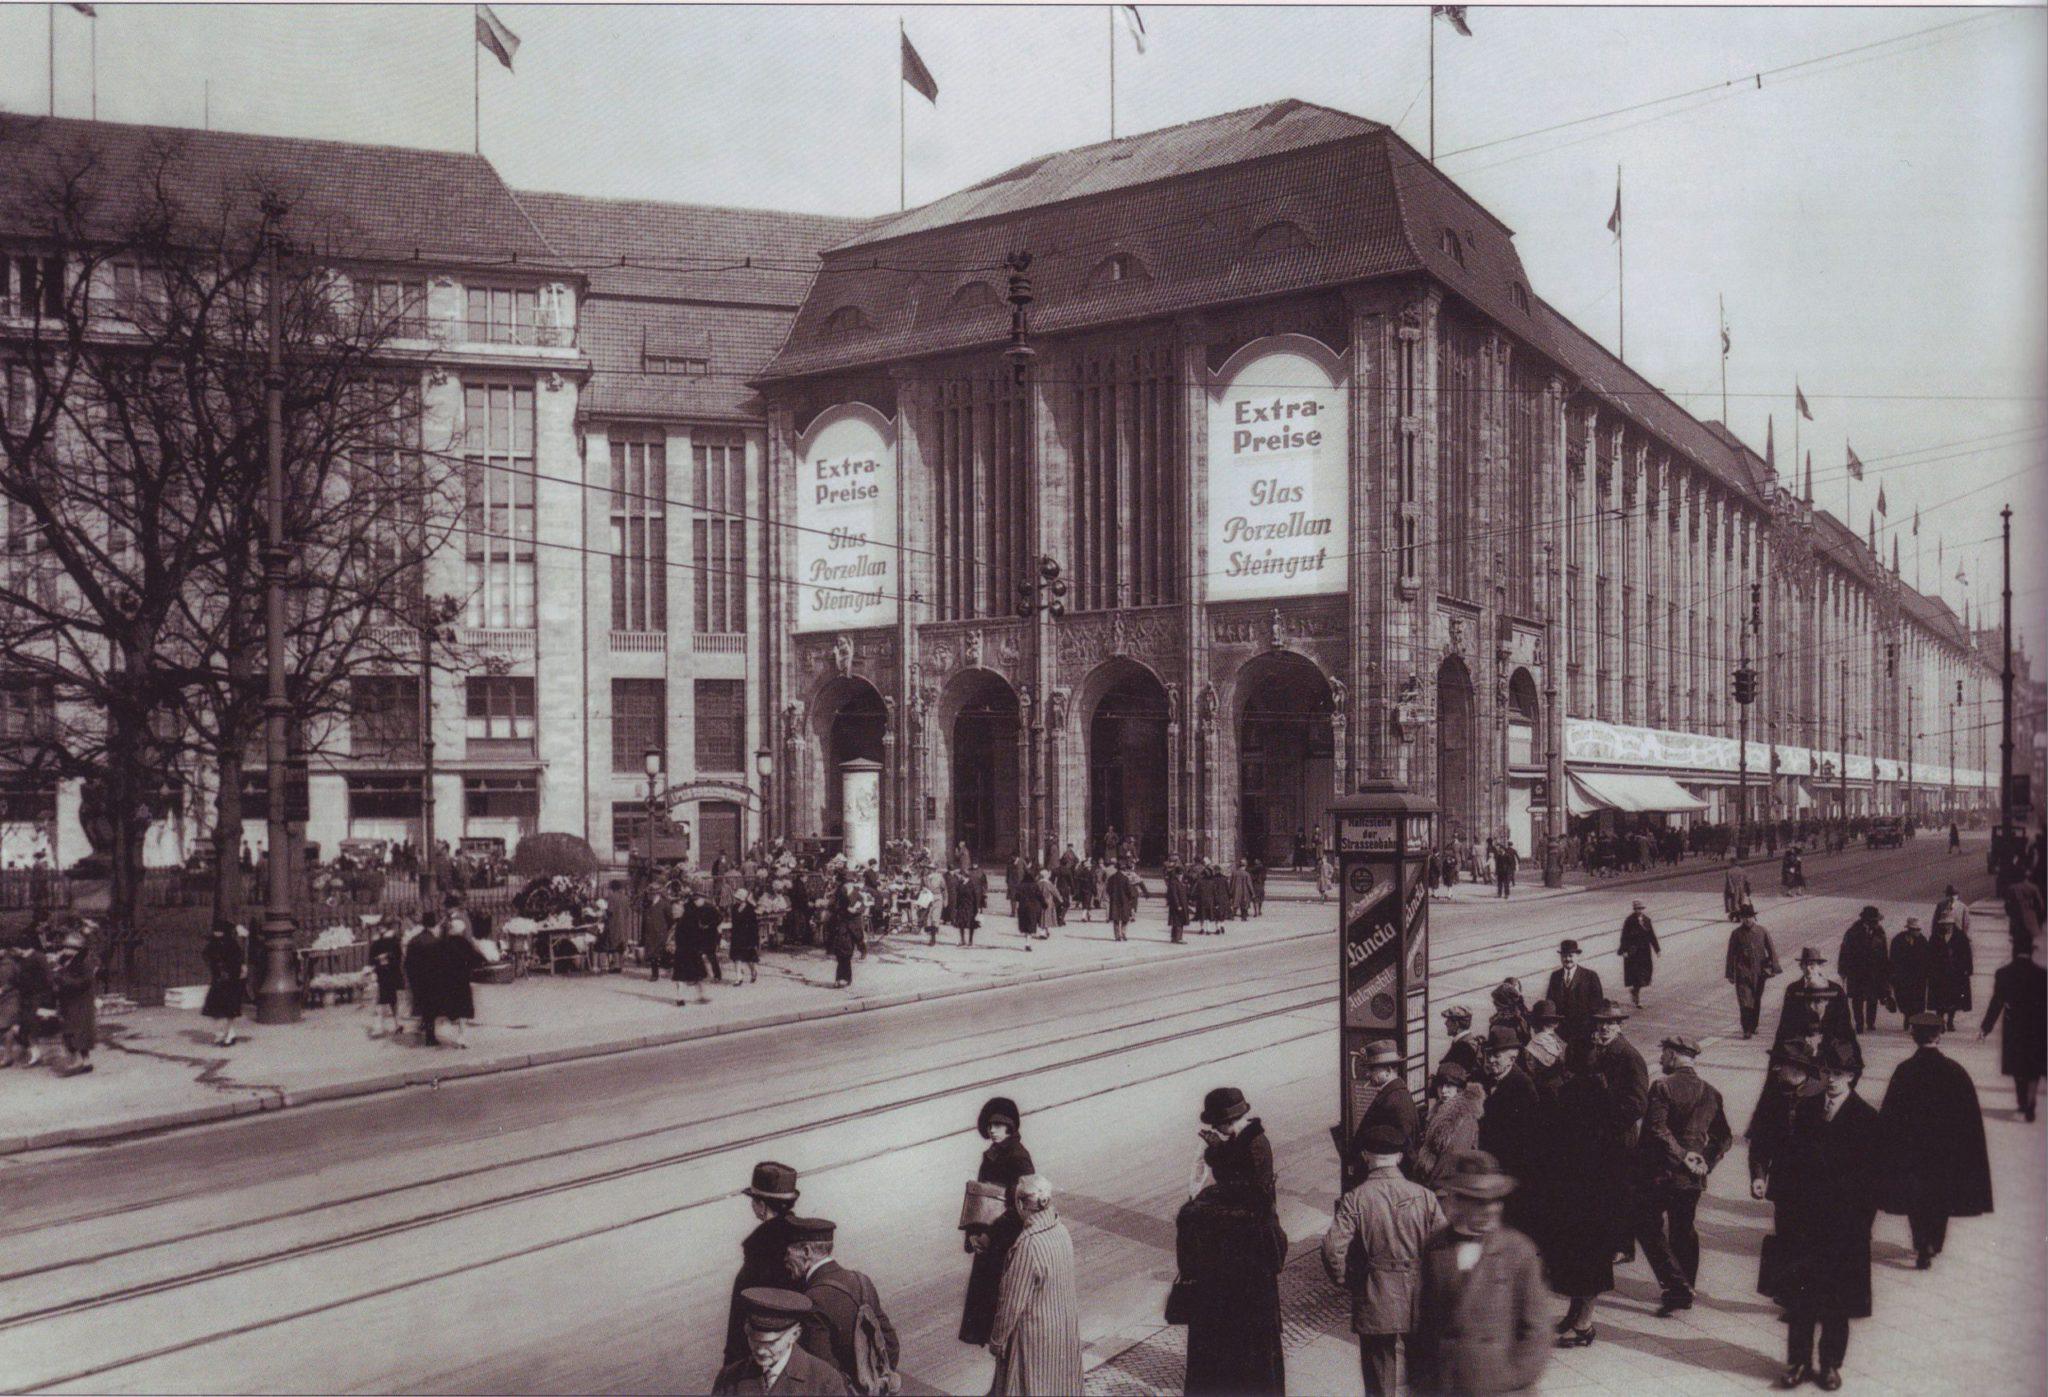 Универмаг «Вертхайм» на Лейпцигской площади в Берлине (1920-е годы). Фото Вальдемара Титценталера. «Википедия»